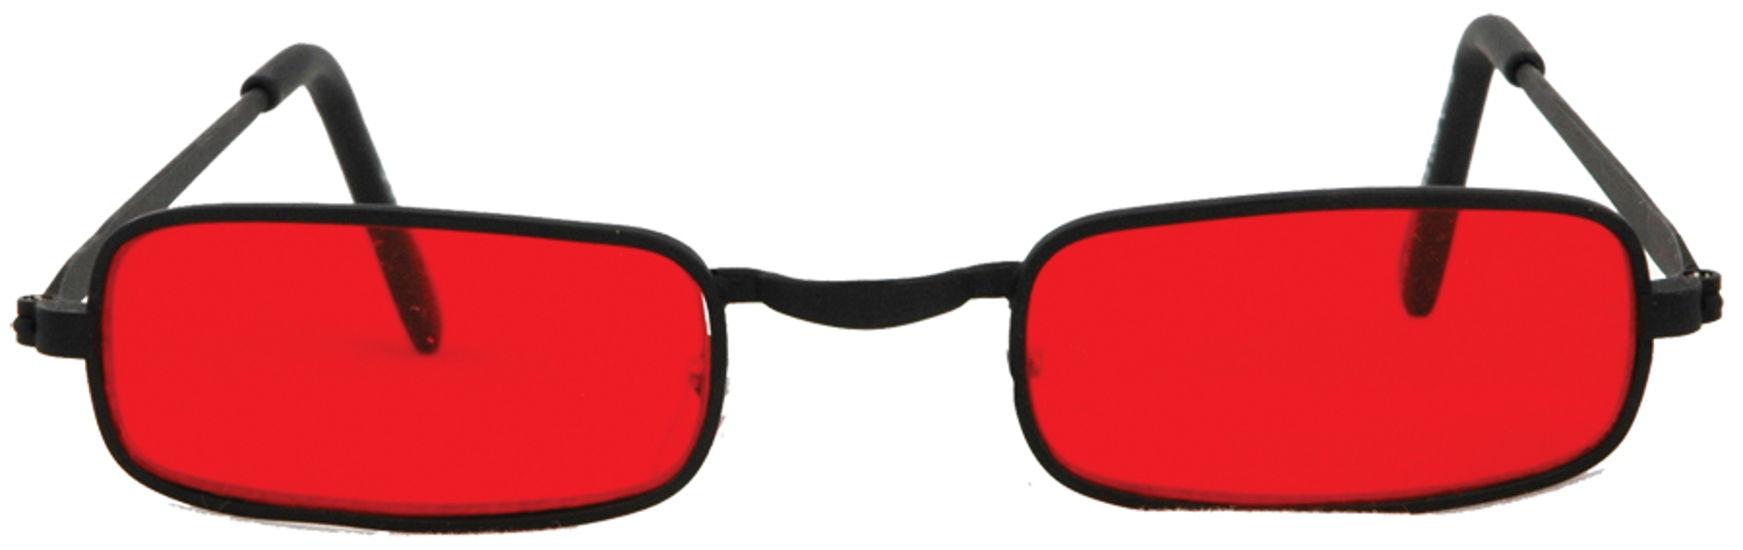 GLASSES VAMPIRE BLK RED